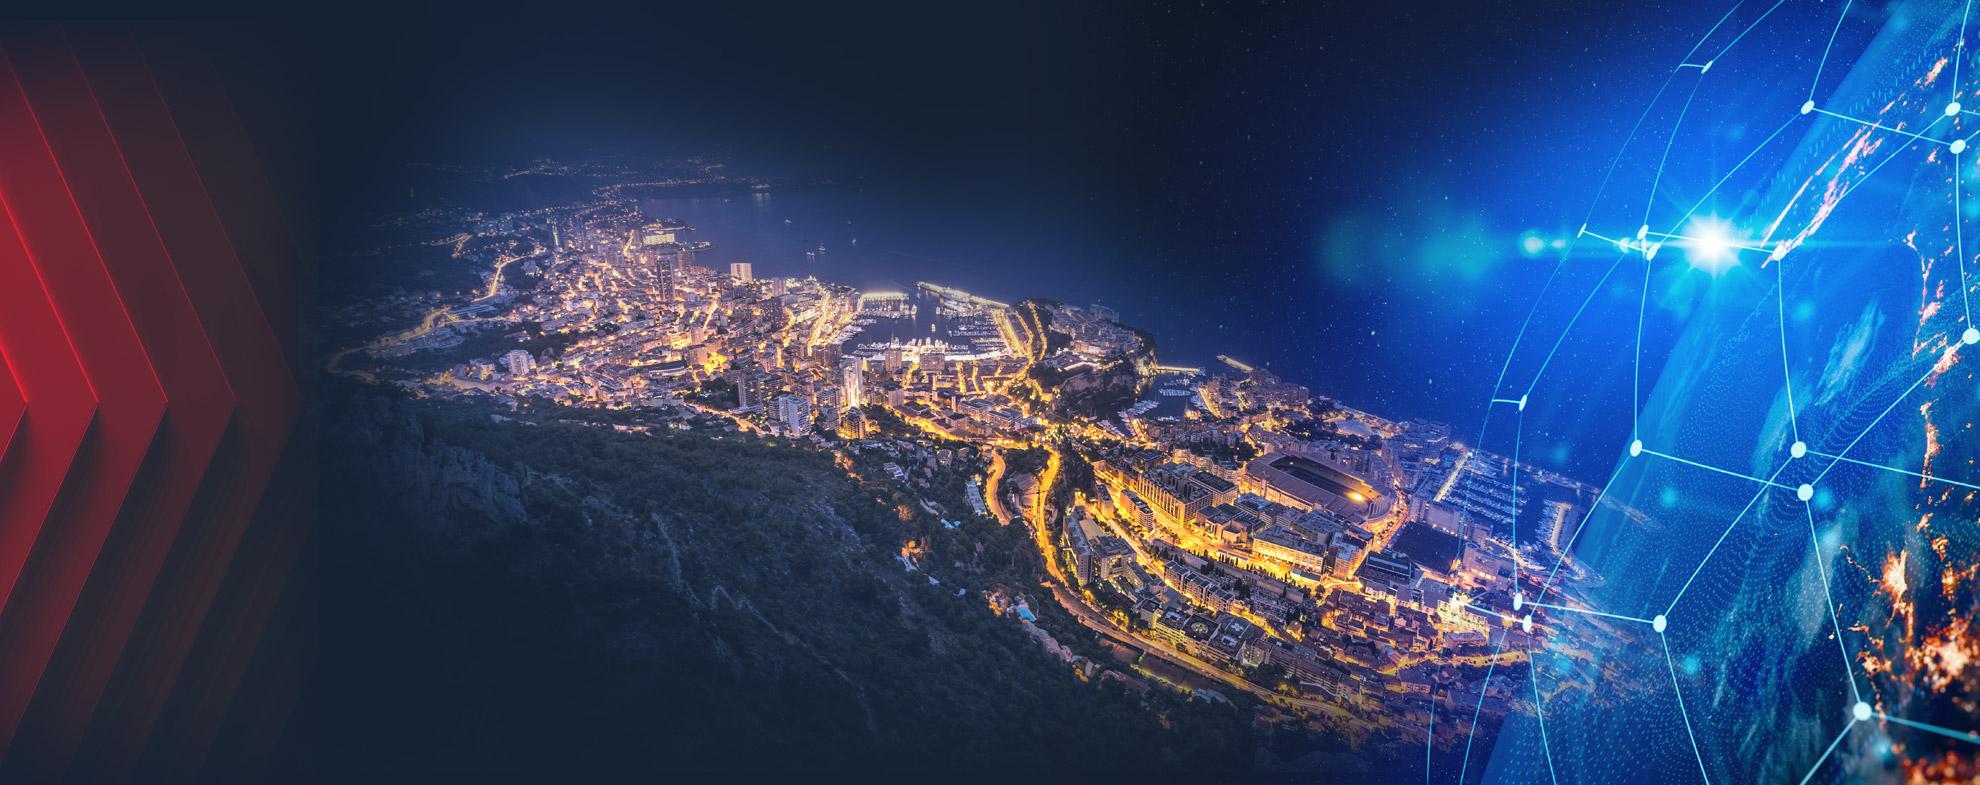 Affichage Publicitaire Monaco